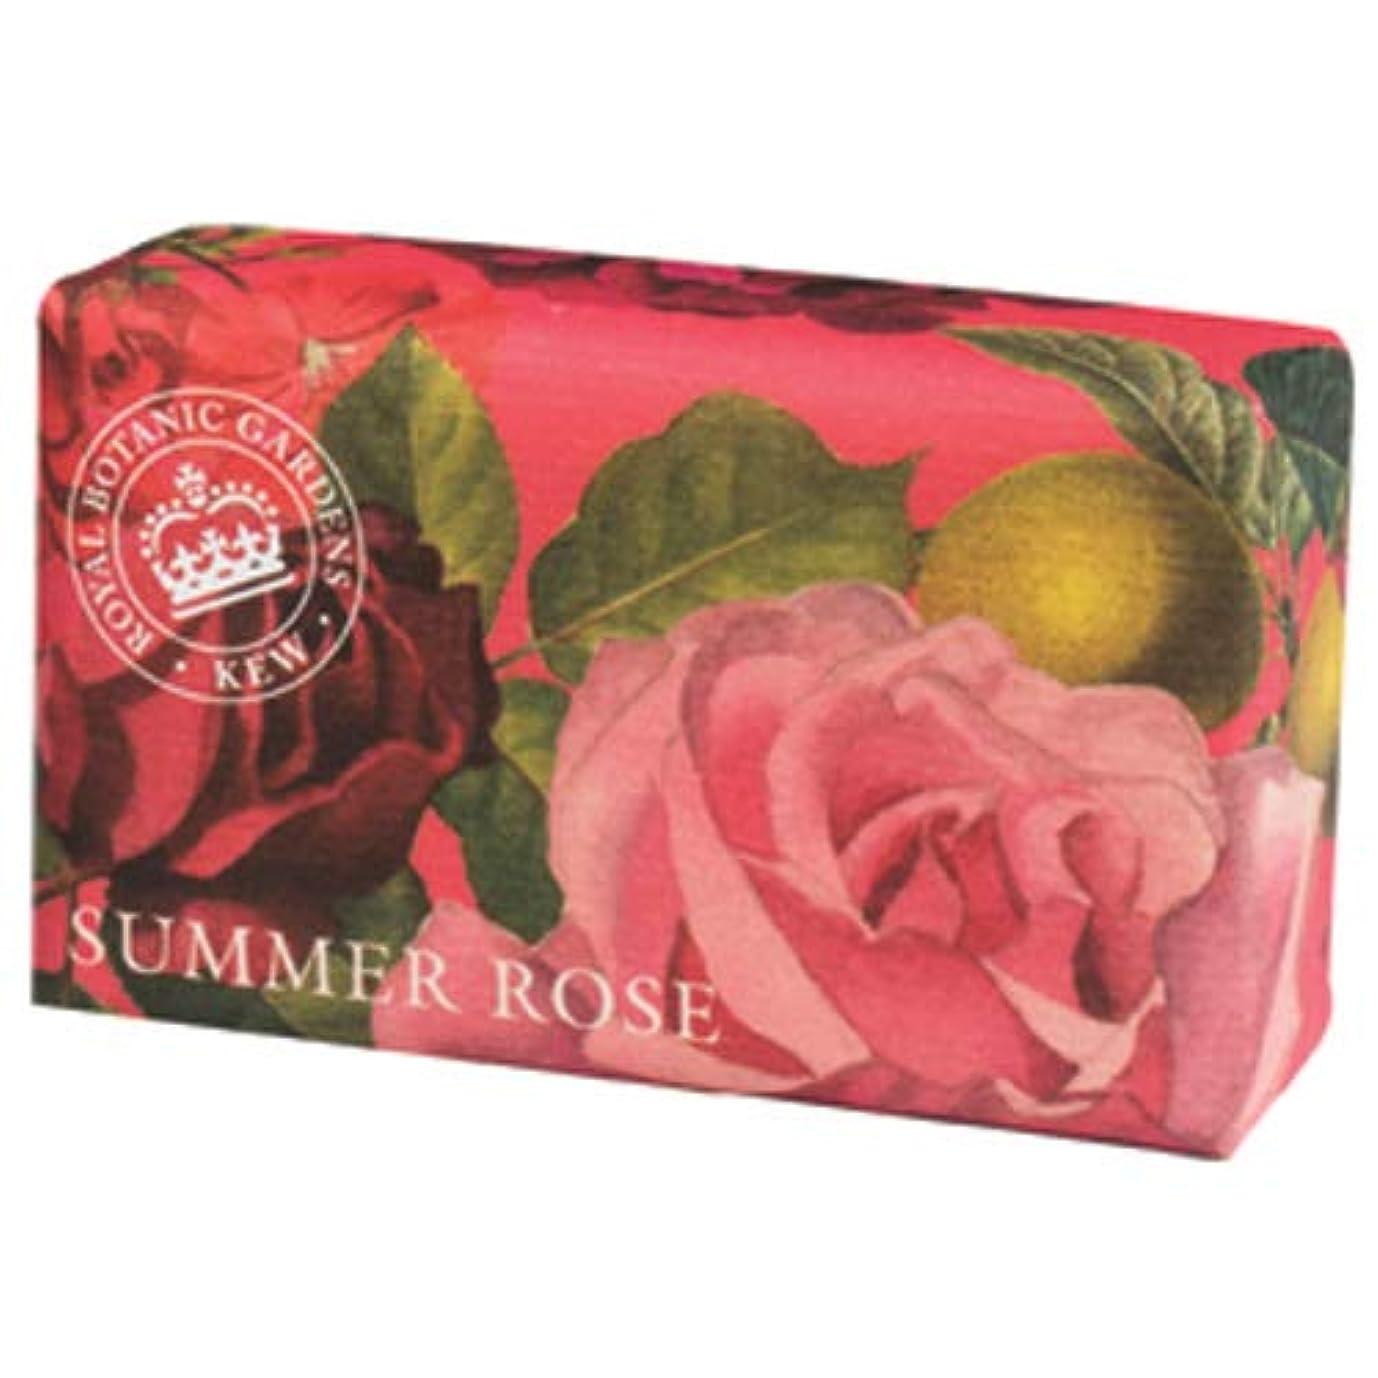 輸血ほかに規模English Soap Company イングリッシュソープカンパニー KEW GARDEN キュー?ガーデン Luxury Shea Soaps シアソープ Summer Rose サマーローズ